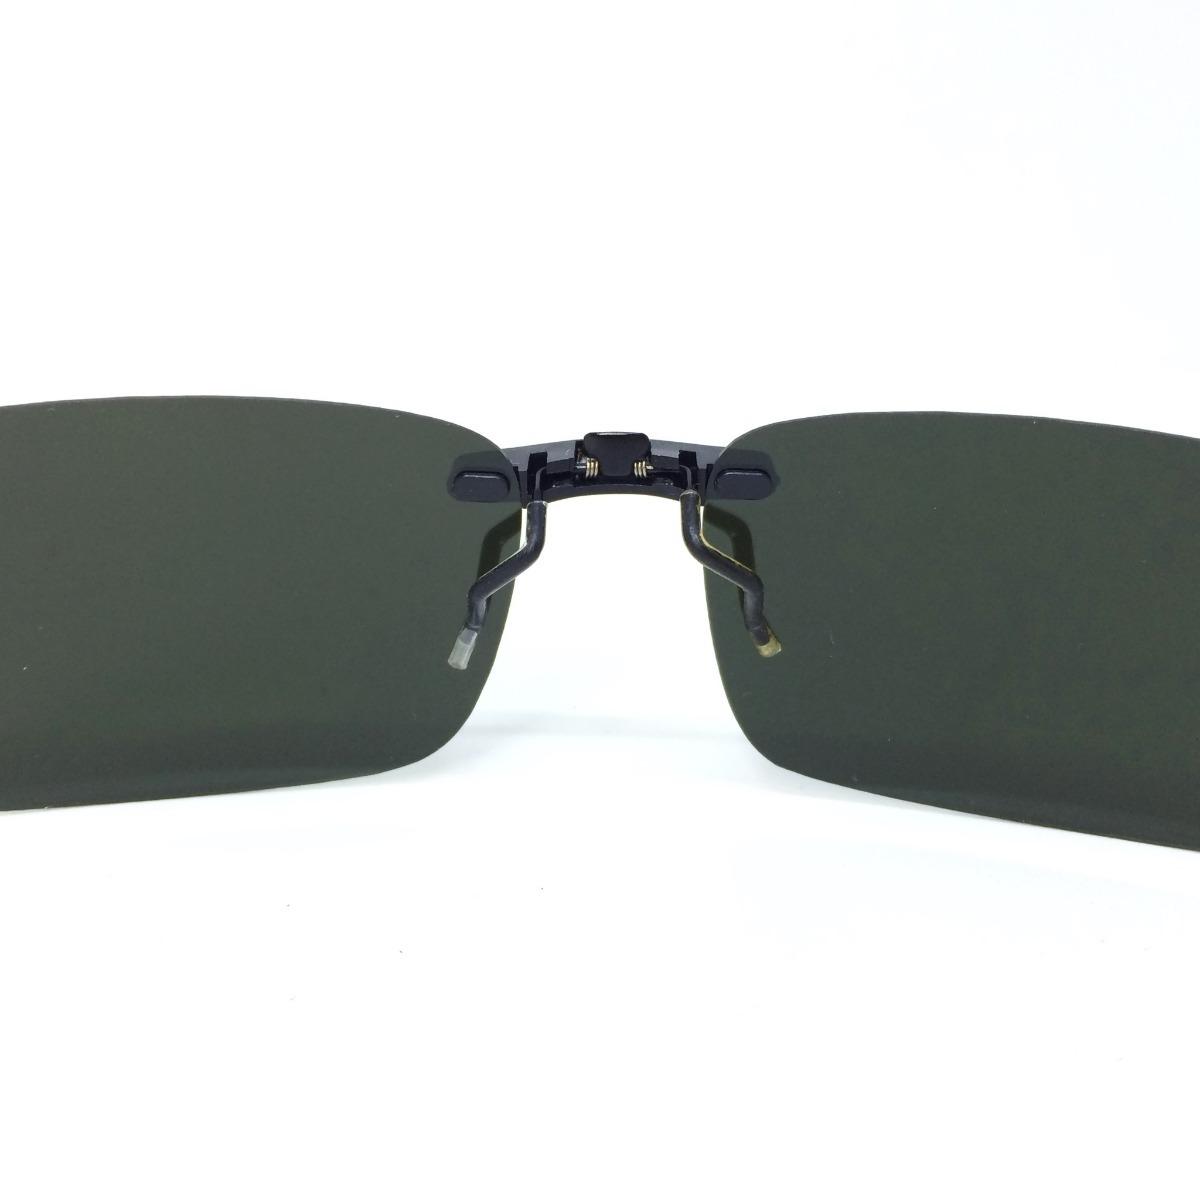 c80306367 lentes óculos clip on discreto polarizado proteção u v 400. Carregando zoom.